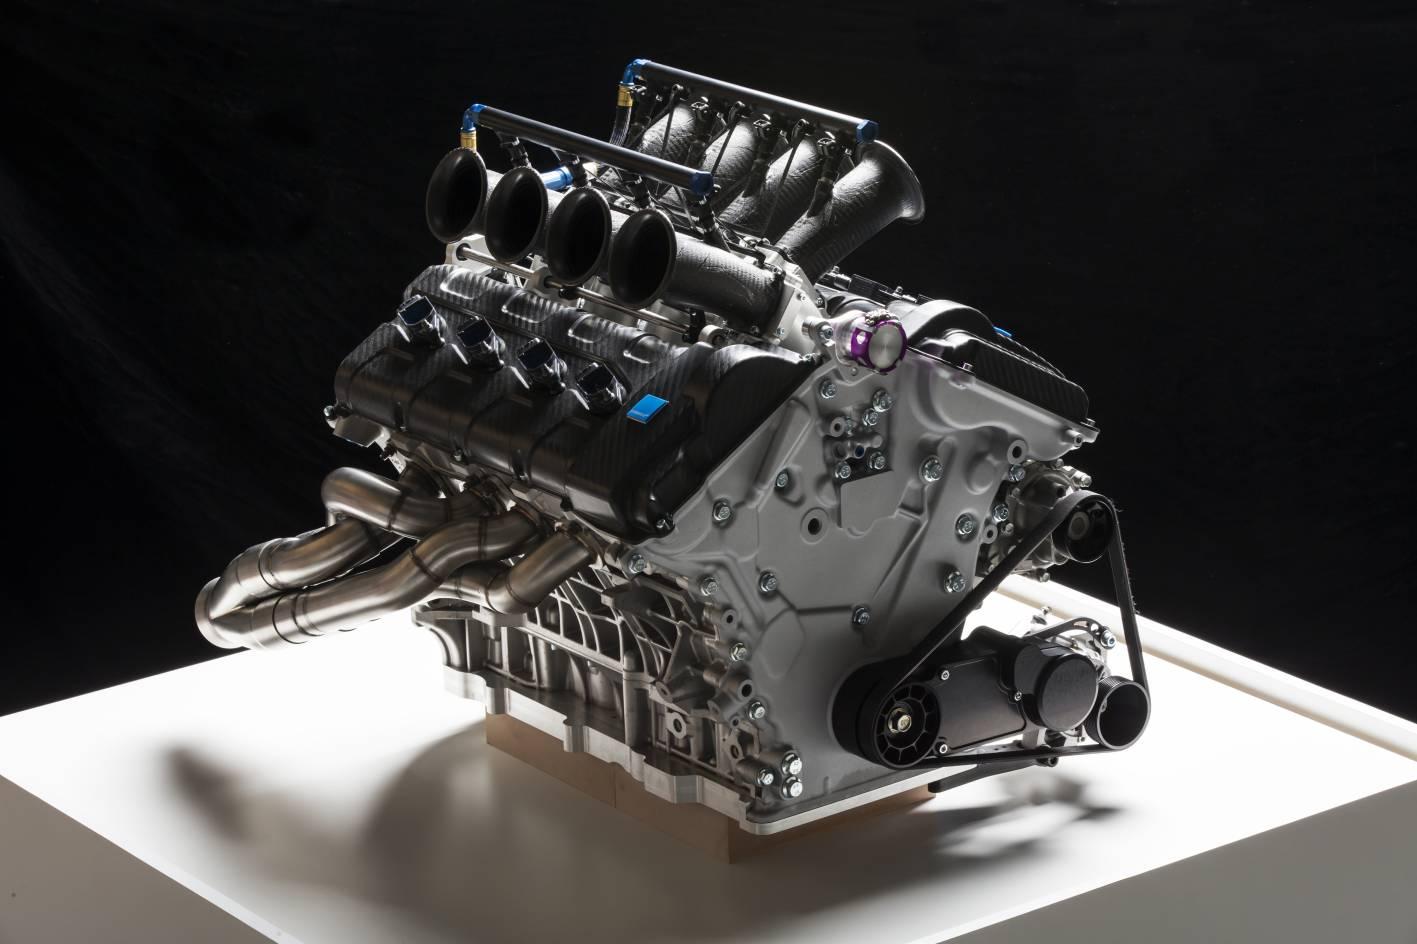 Volvo Reveals V8 Supercar Engine Caradvice